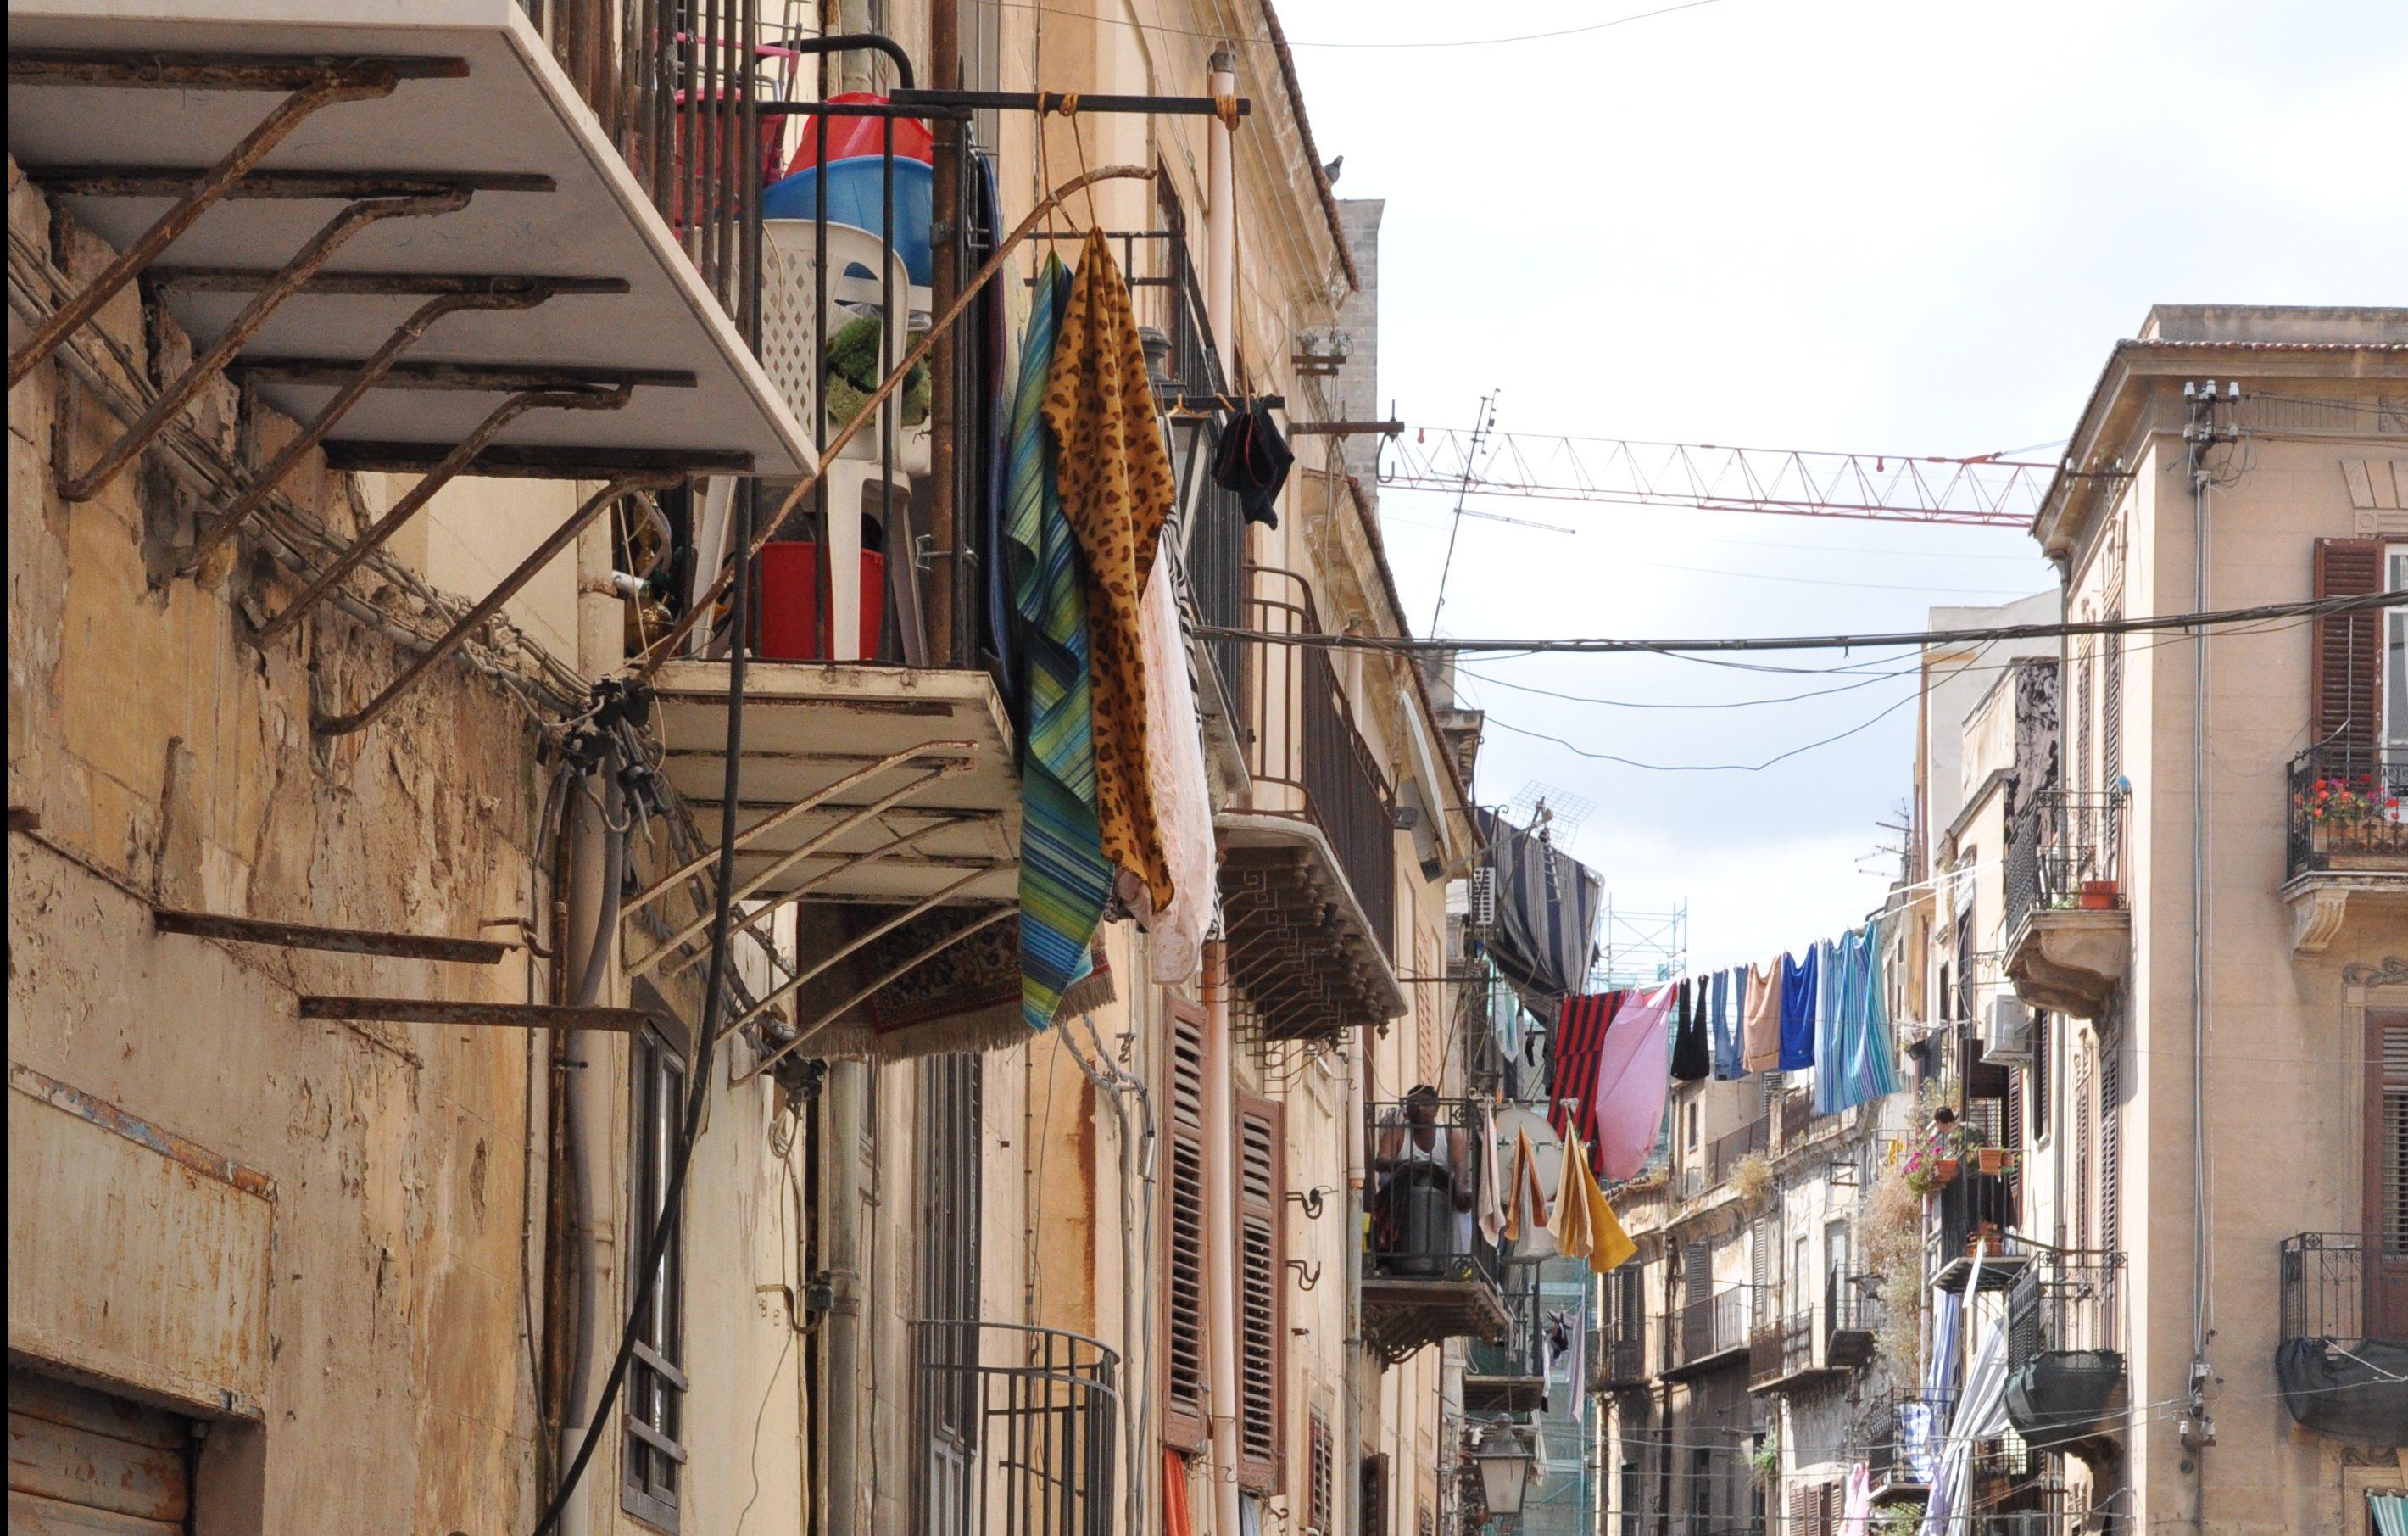 Reistip: Prachtig Palermo op Sicilië